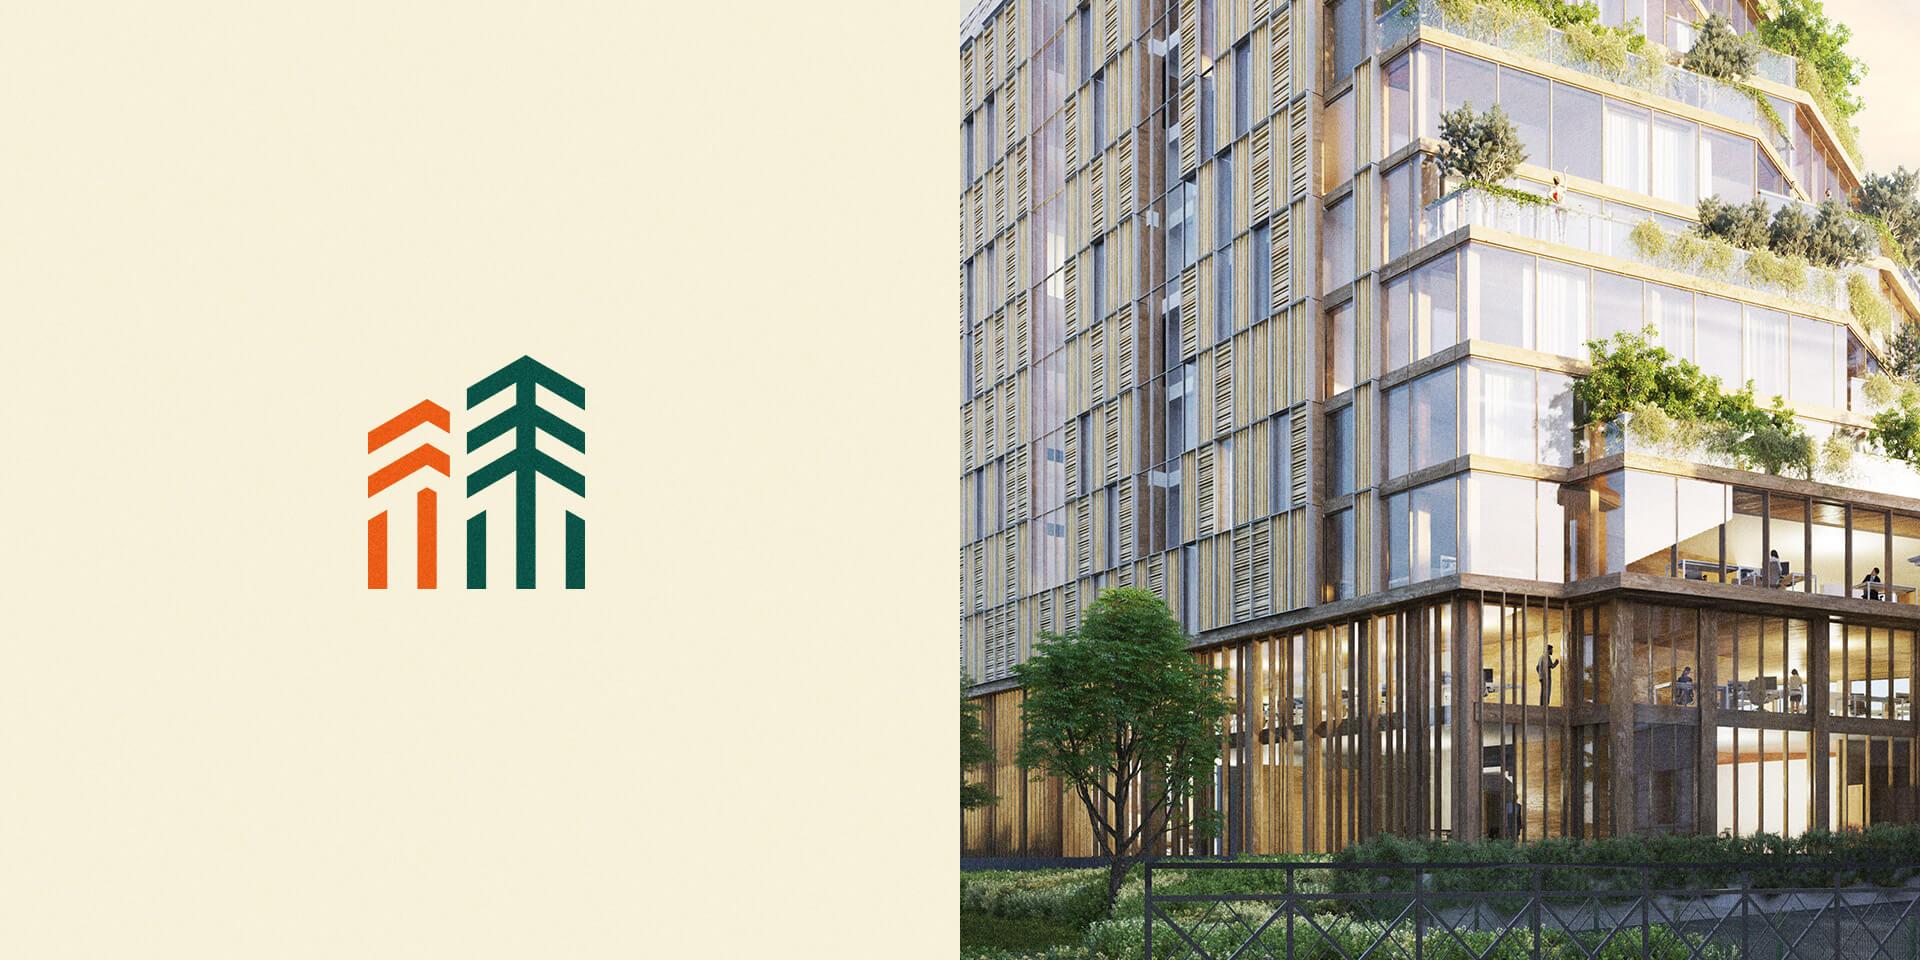 Nouvelle identite visuelle de Horizons Bois par Architecture Plurielle